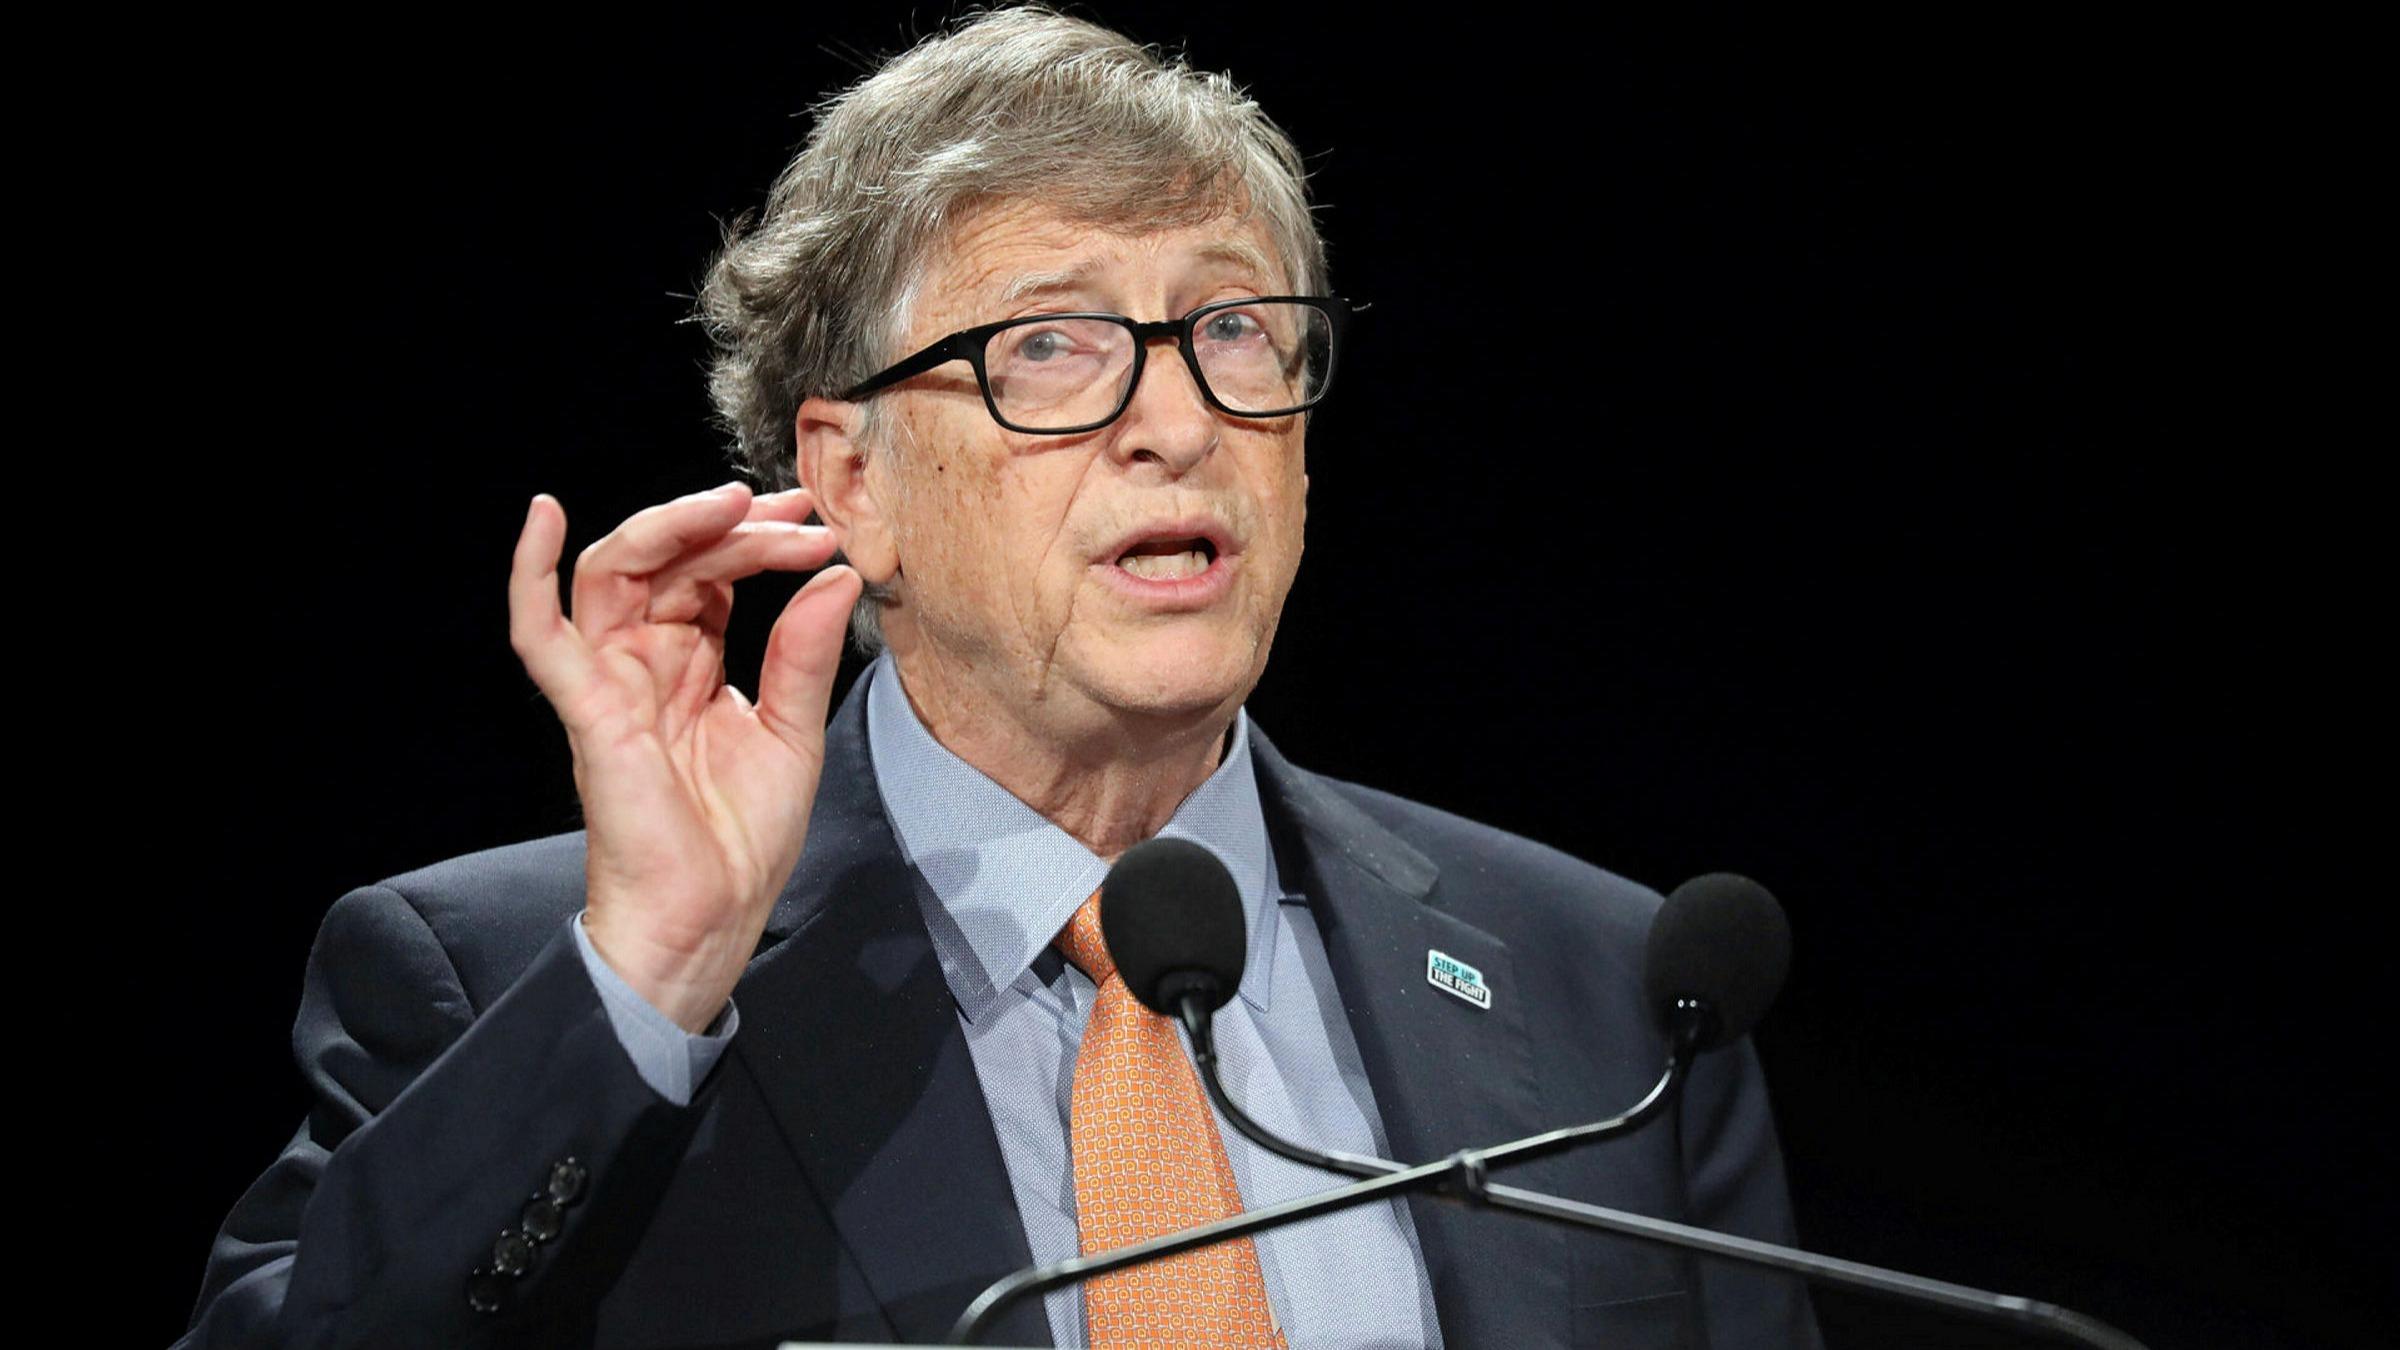 Билл Гейтс рассказал об угрозах для человечества после пандемии